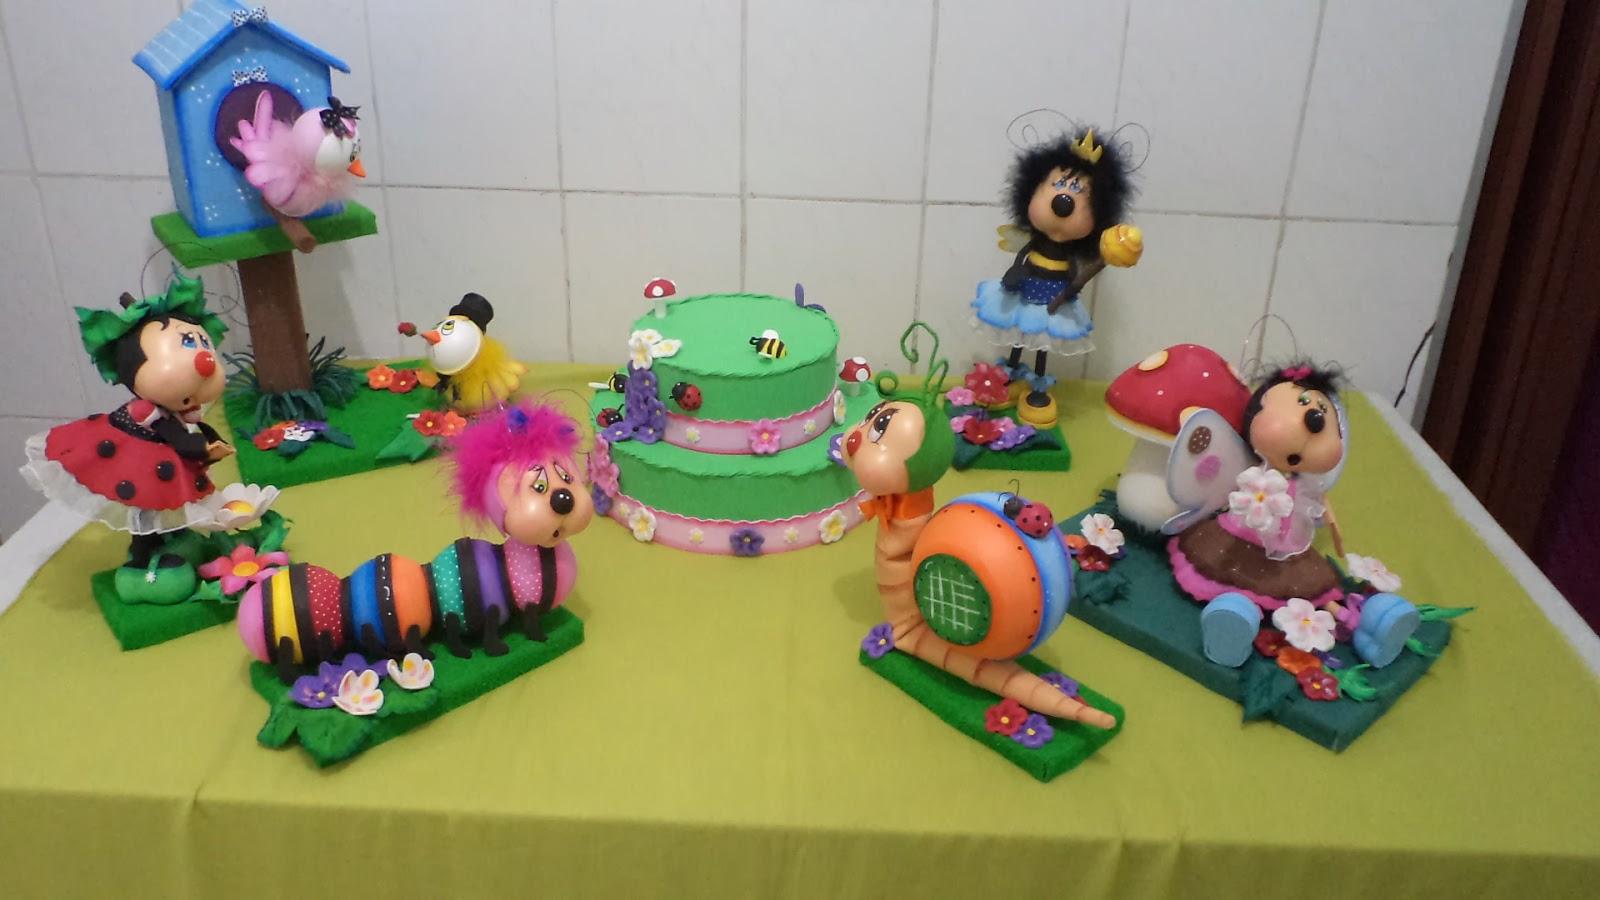 decoracao de aniversario infantil jardim encantado:Jardim Encantado